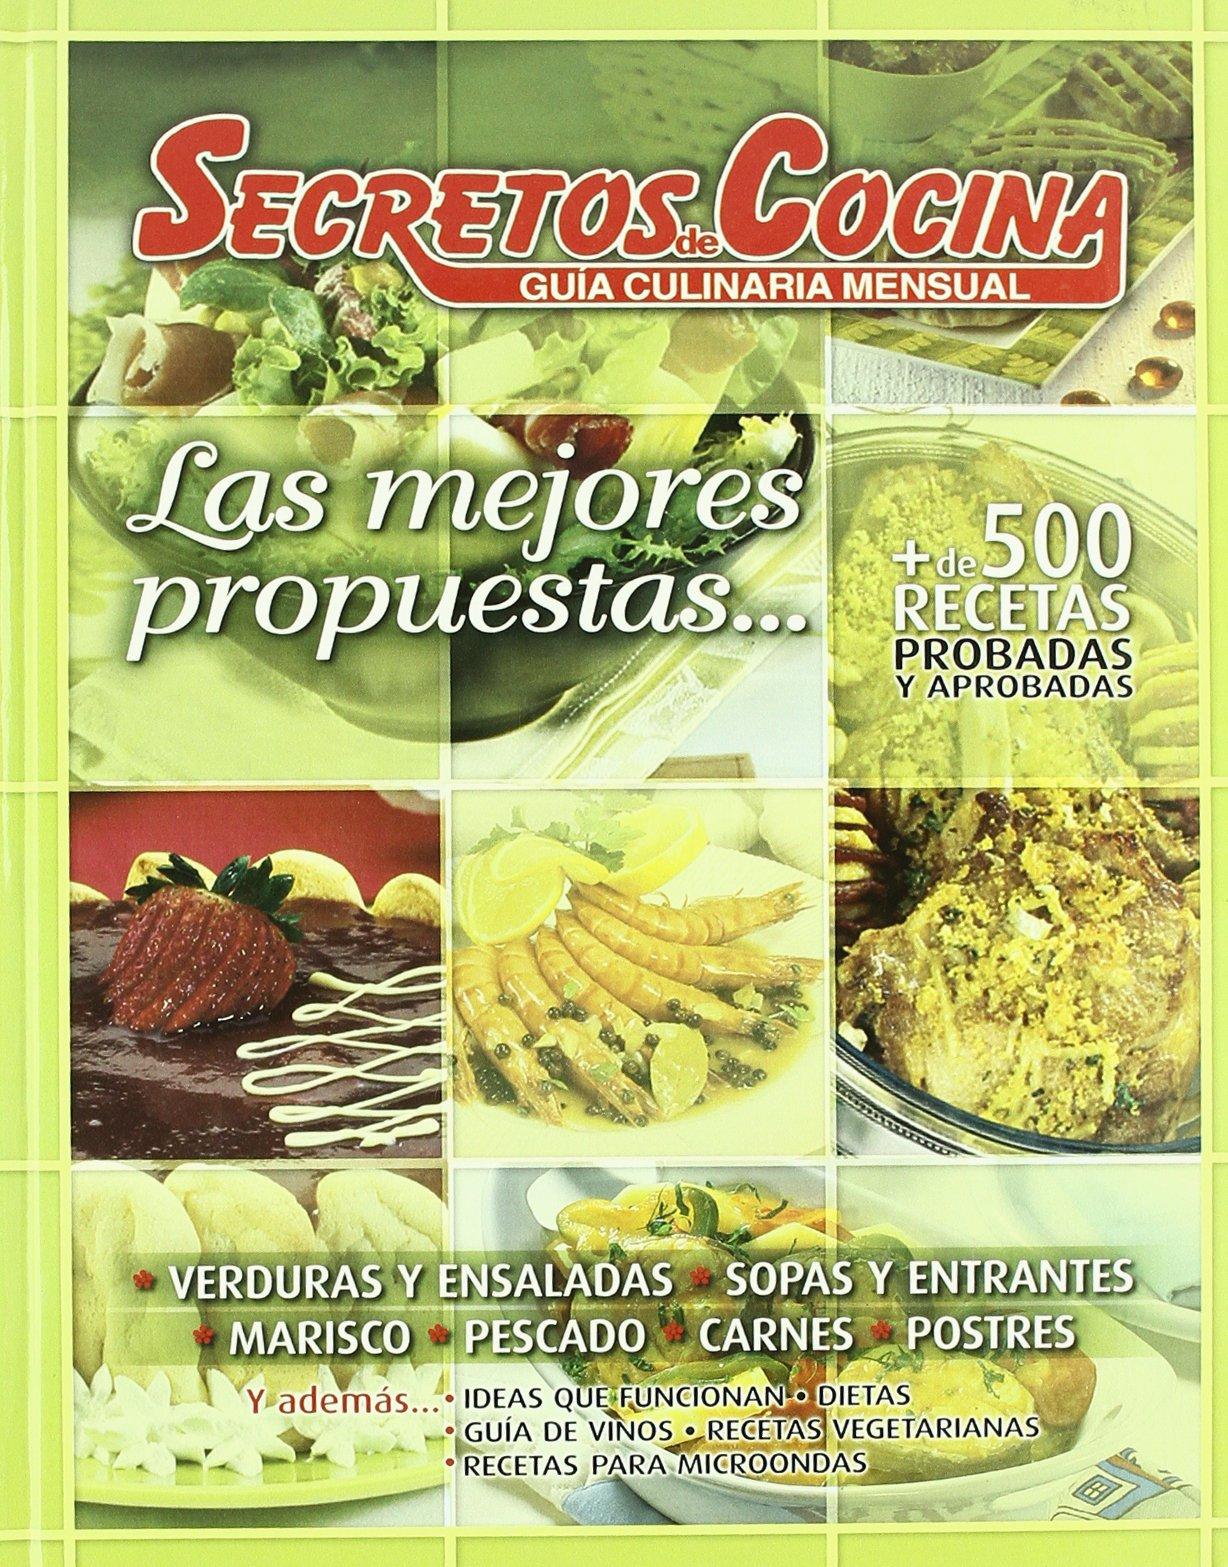 MEJORES PROPUESTAS - SECRETOS DE COCINA V.I ENCUADERNADOS ...